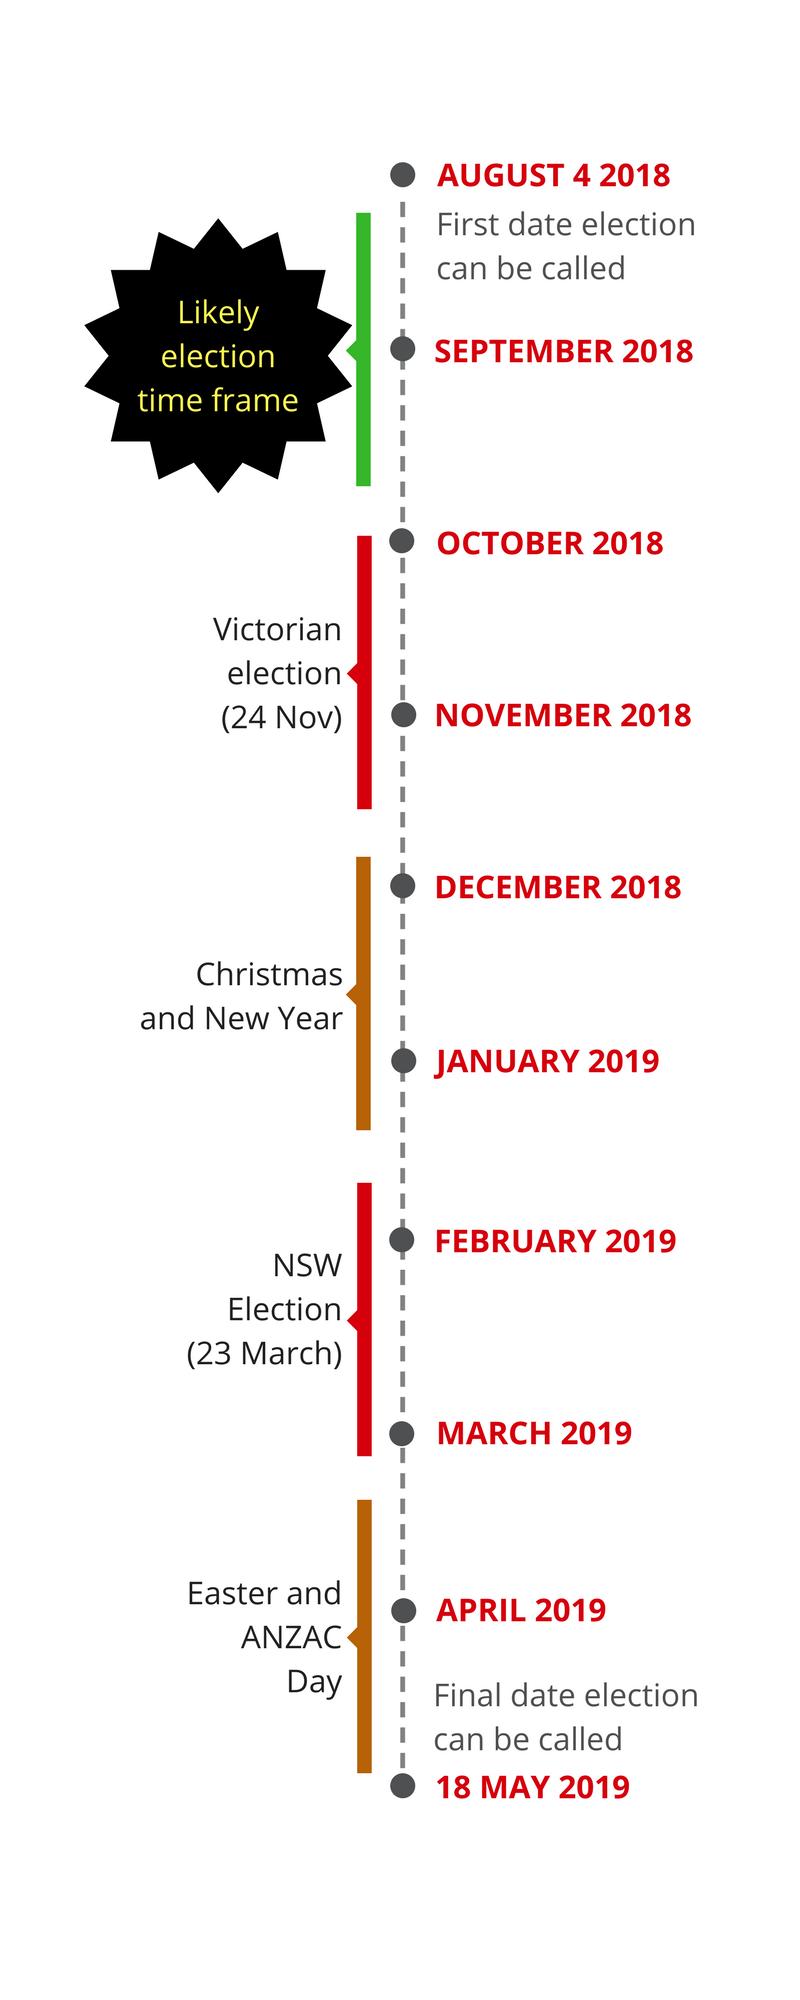 election-timeline-wells-haslem-mayhew_orig.png